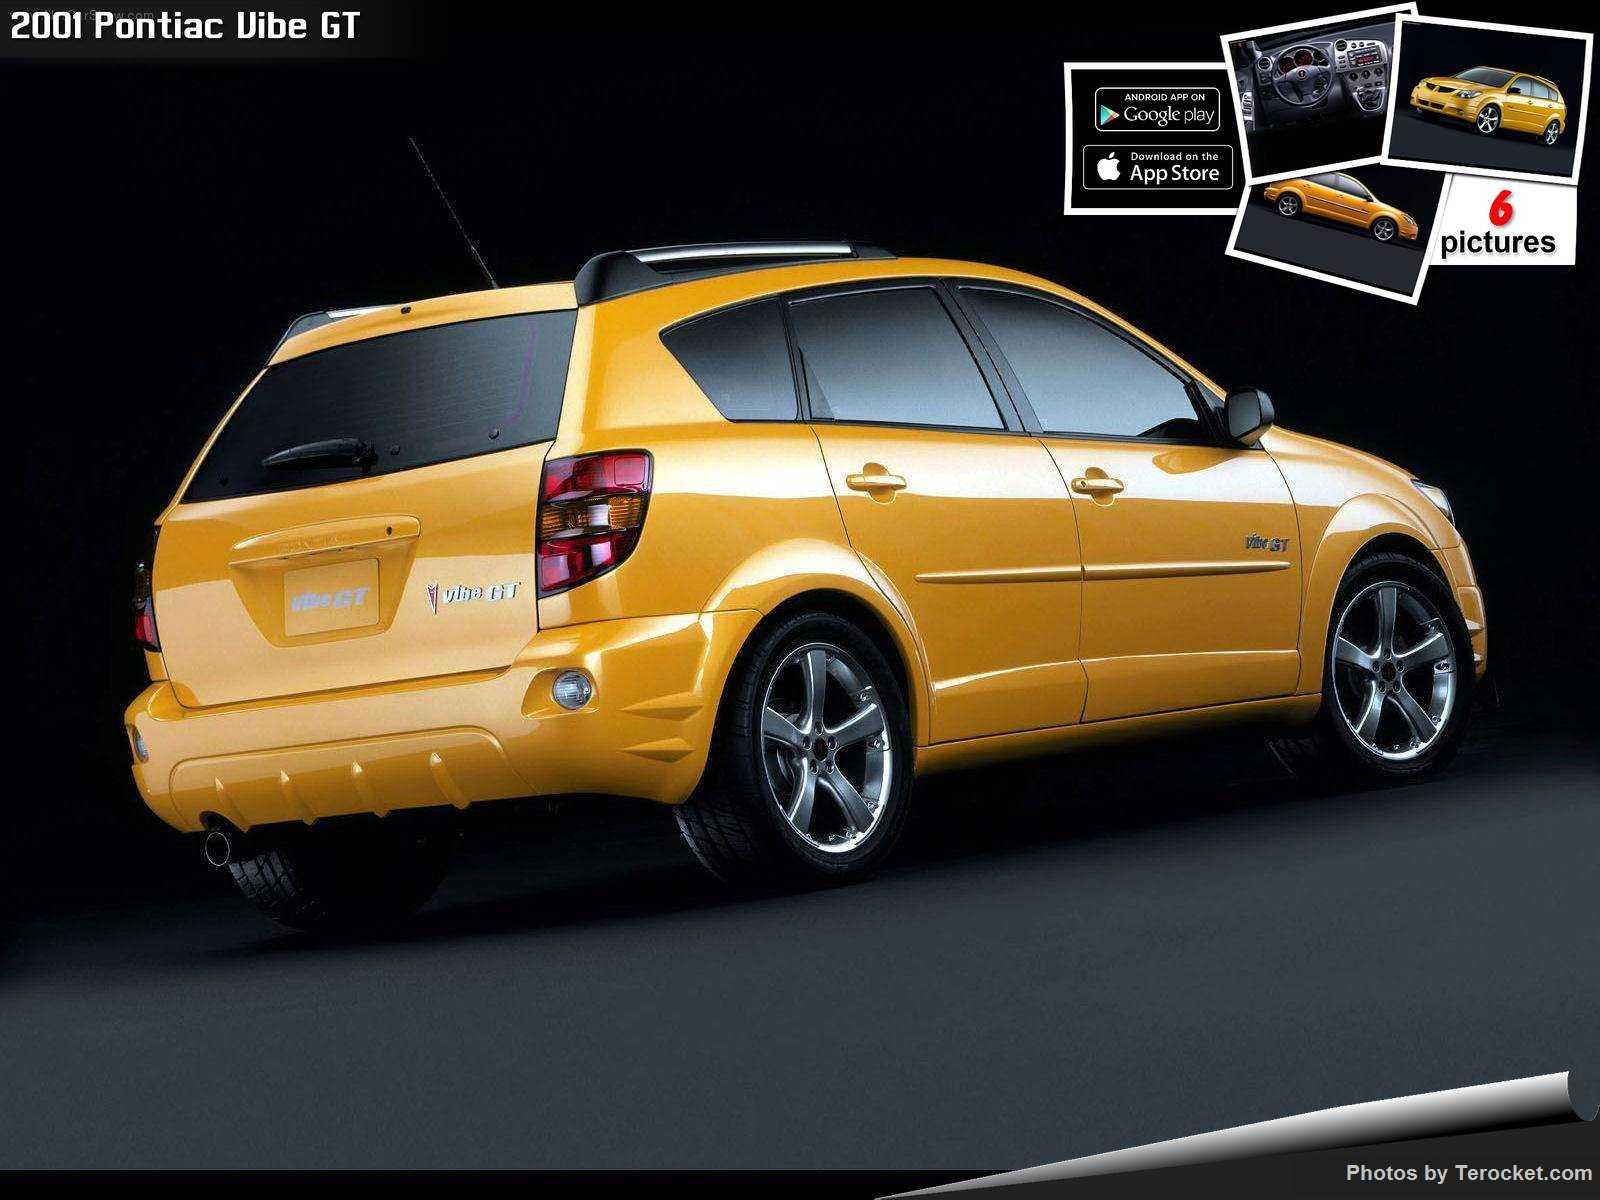 Hình ảnh xe ô tô Pontiac Vibe GT 2001 & nội ngoại thất